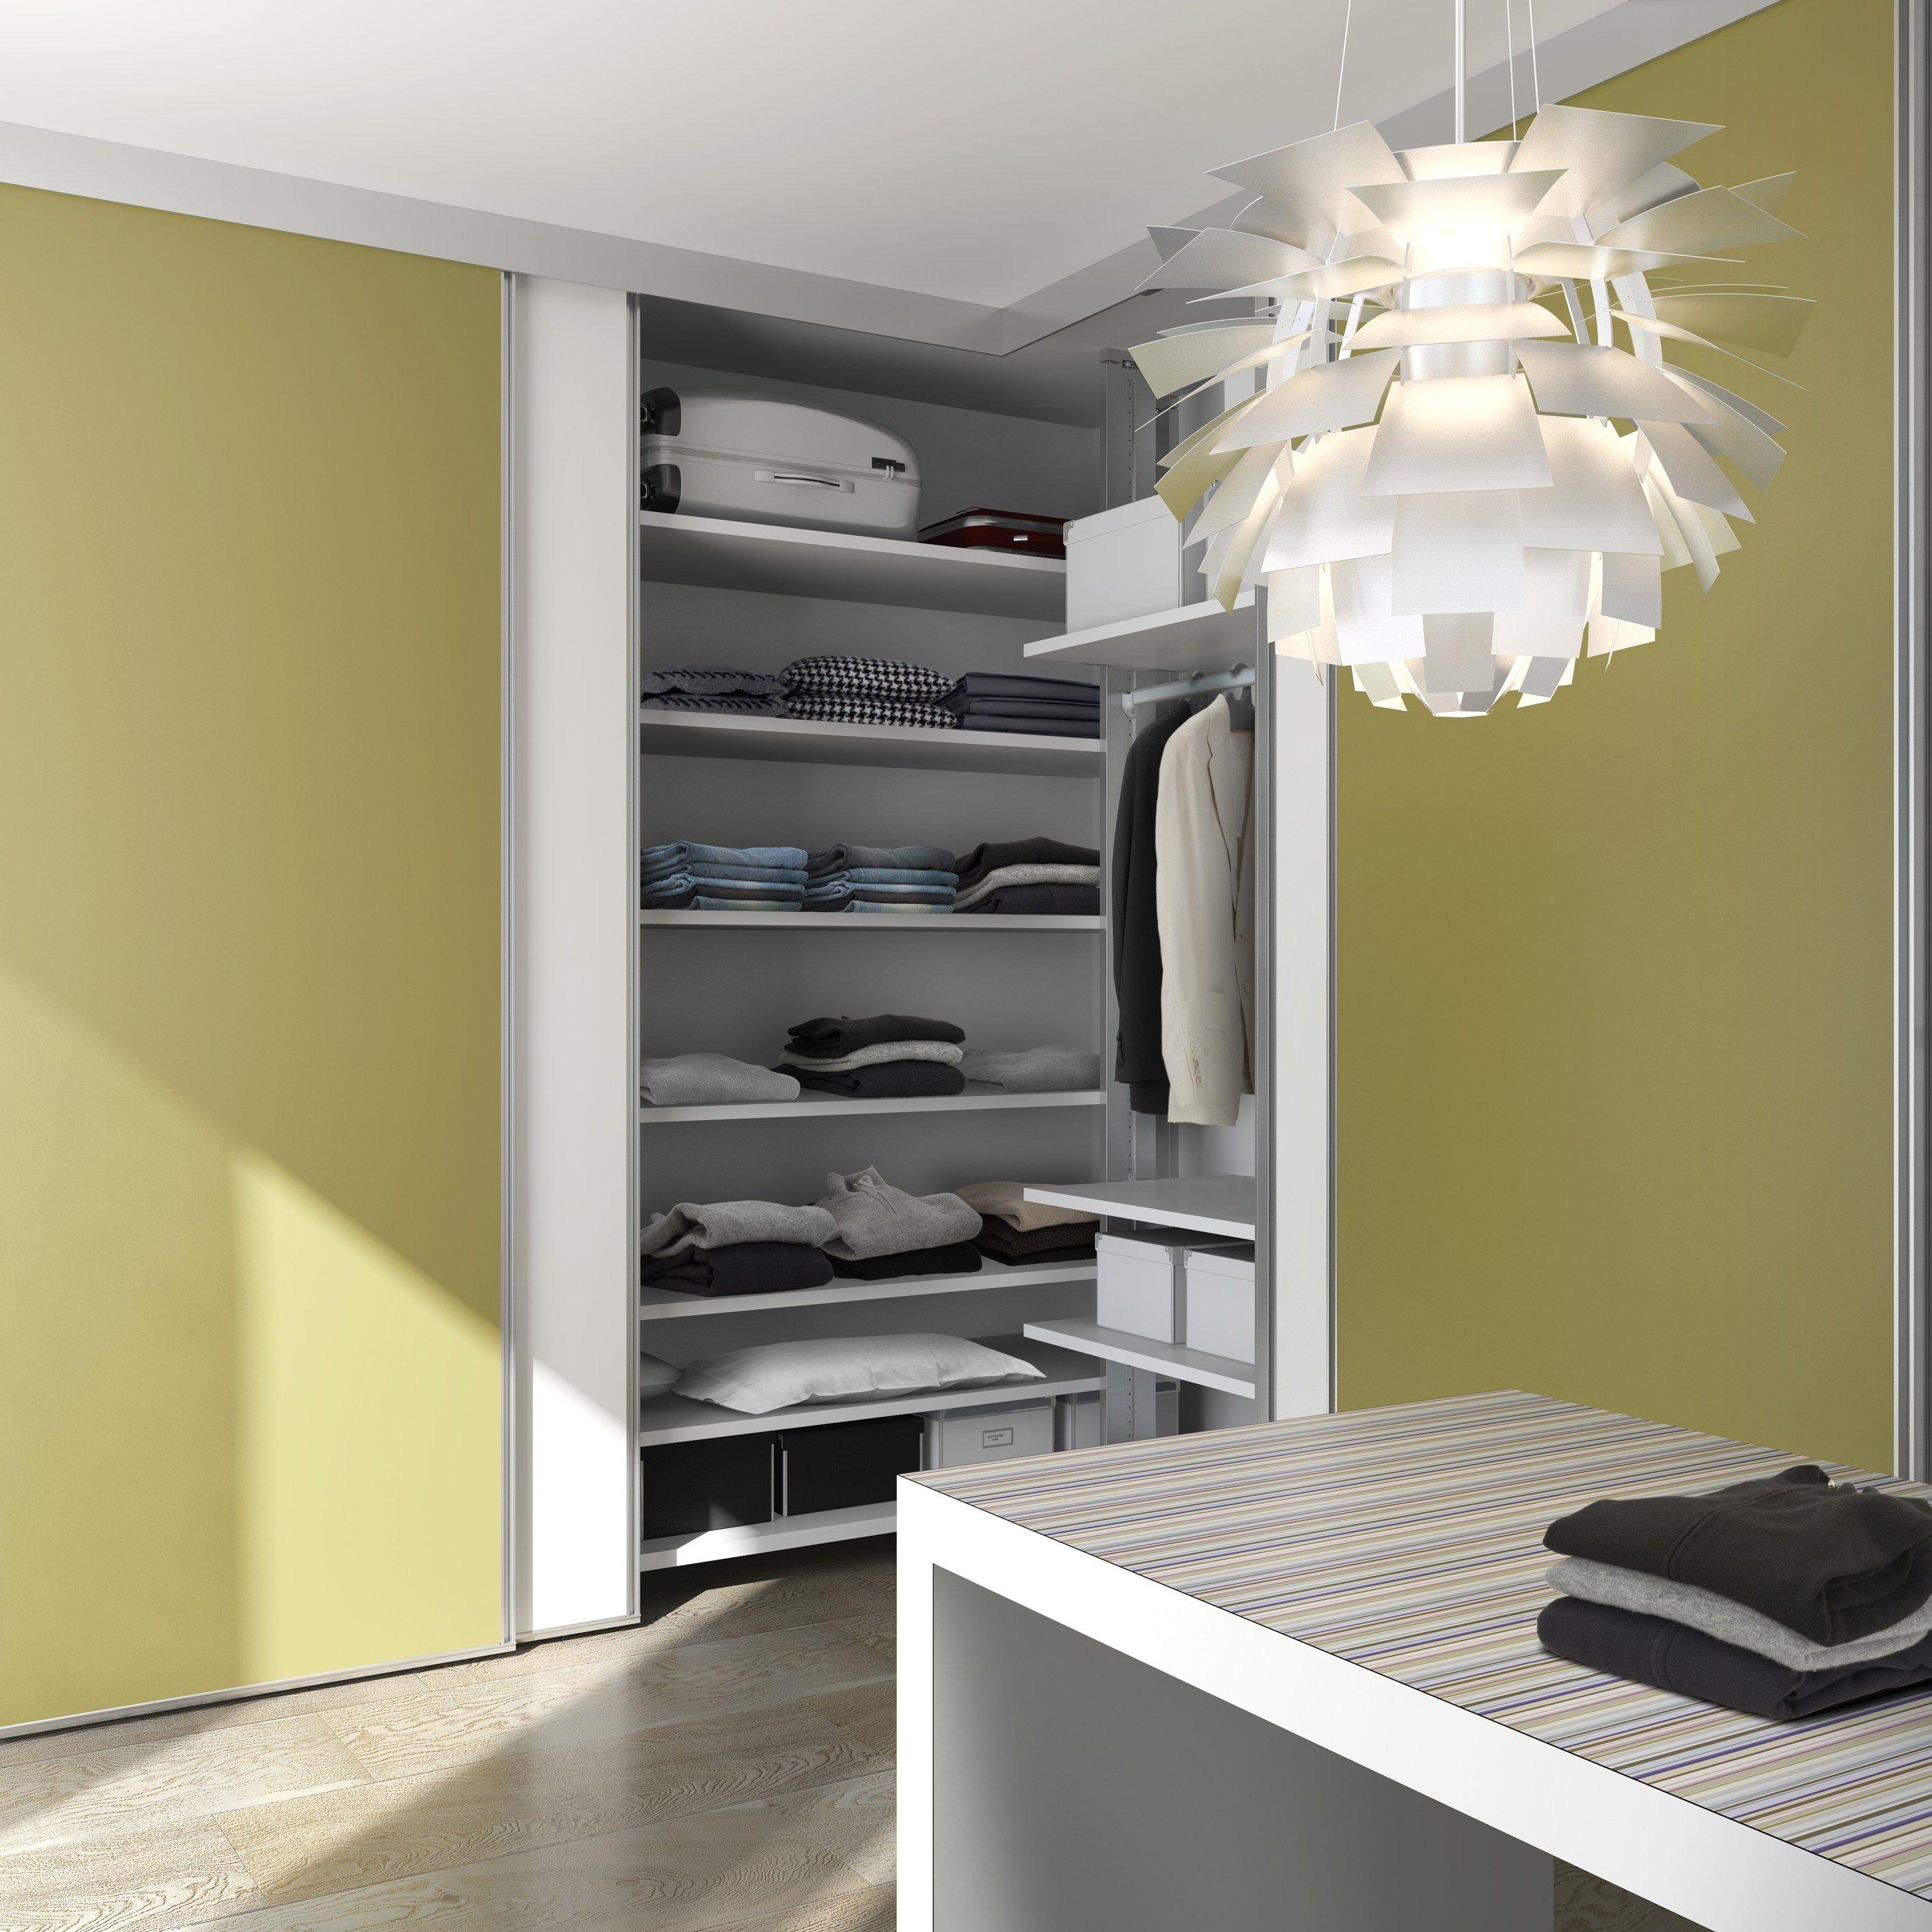 kleiderschrank aus europaletten. Black Bedroom Furniture Sets. Home Design Ideas